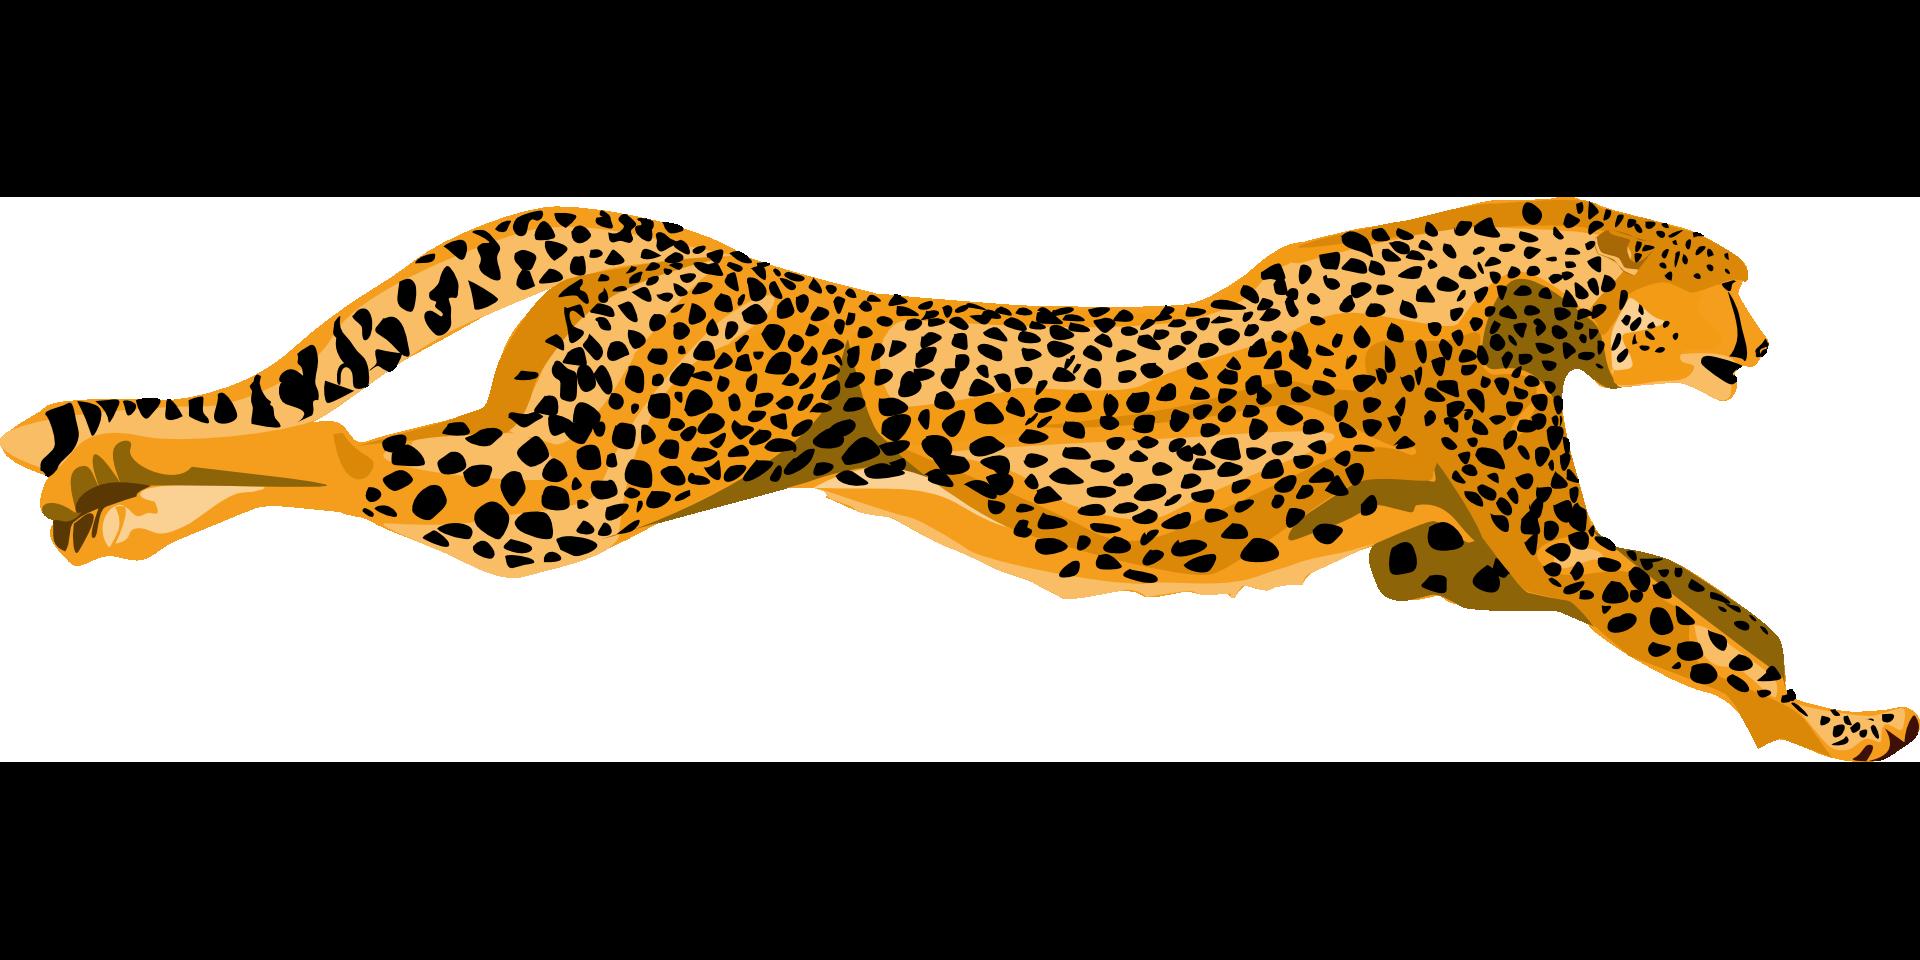 how fast cheetah run